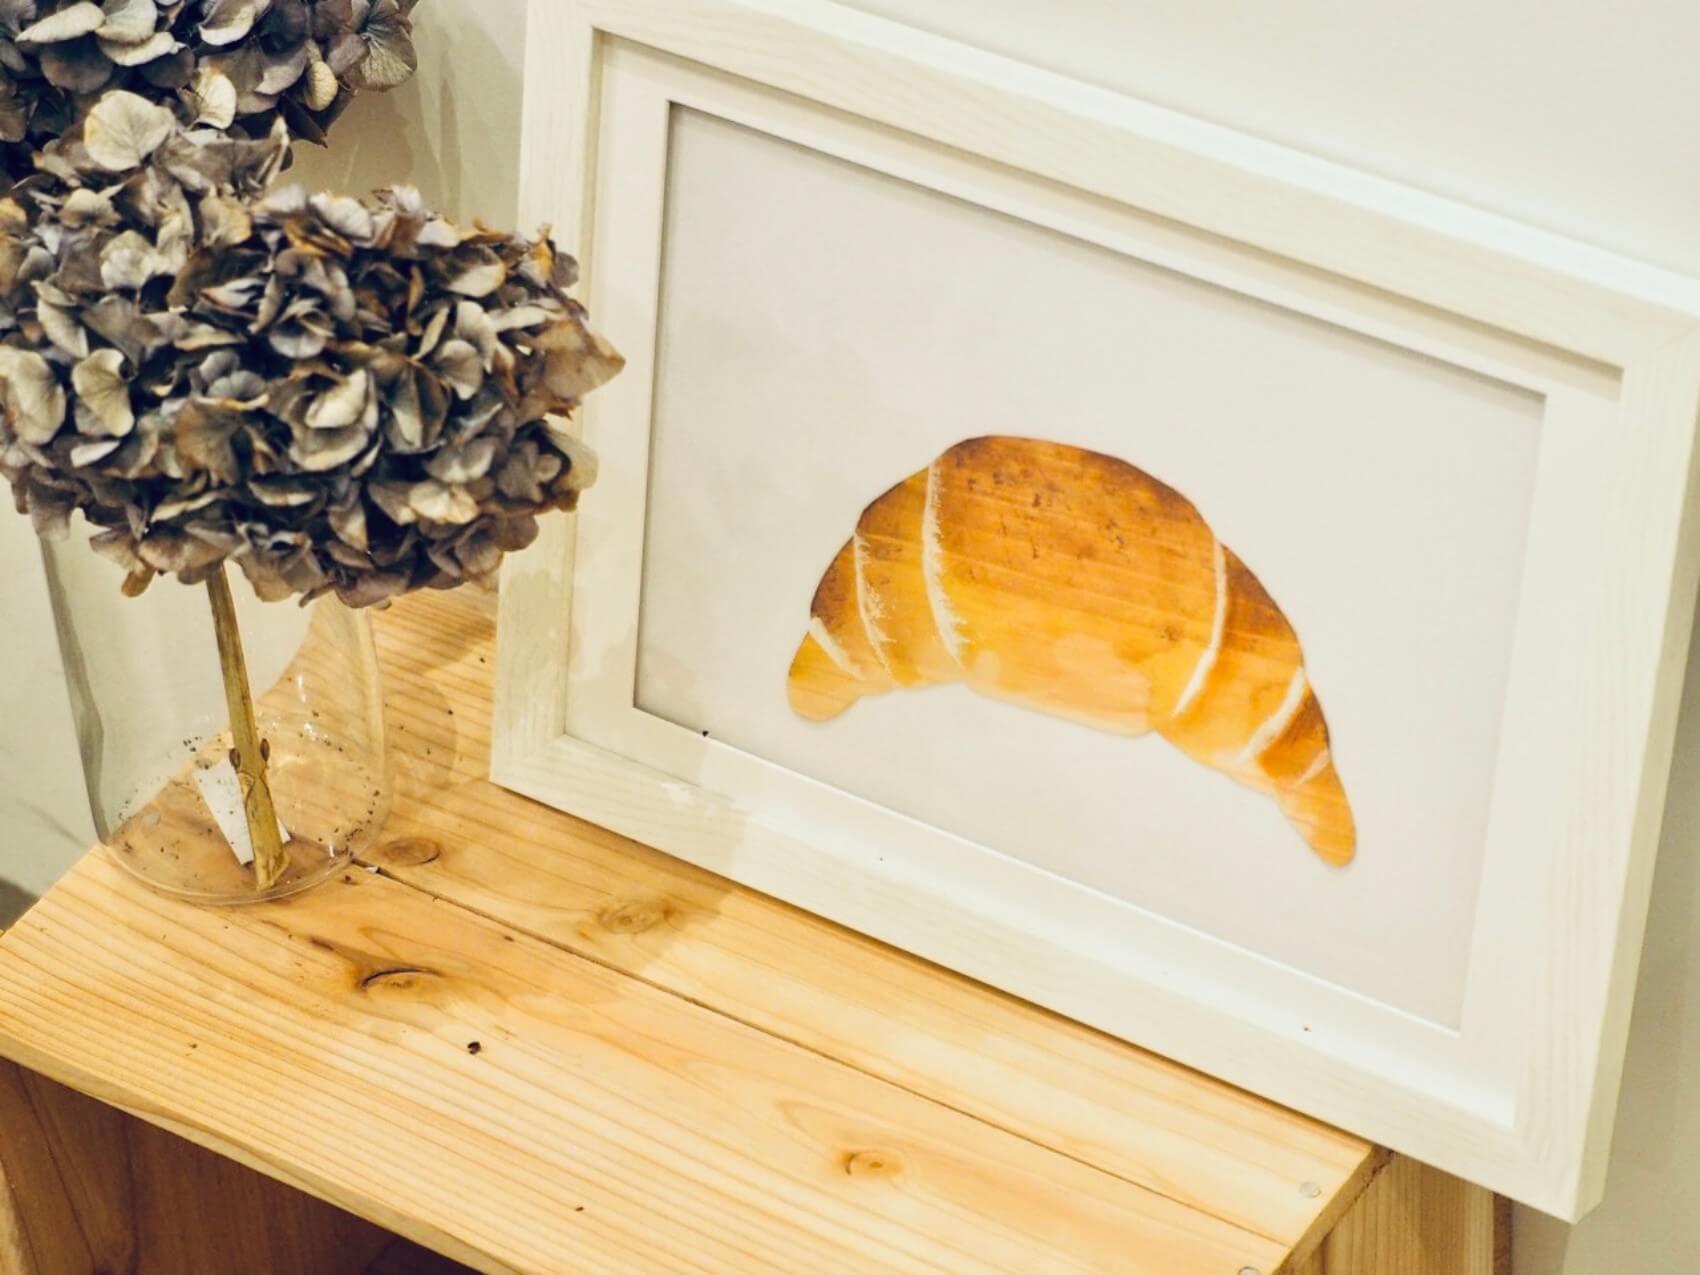 11/23(土)開催:ヒノキ香る『パンと葉っぱのアート』作りワークショップ(参加者募集中!お申し込みはこちらから)